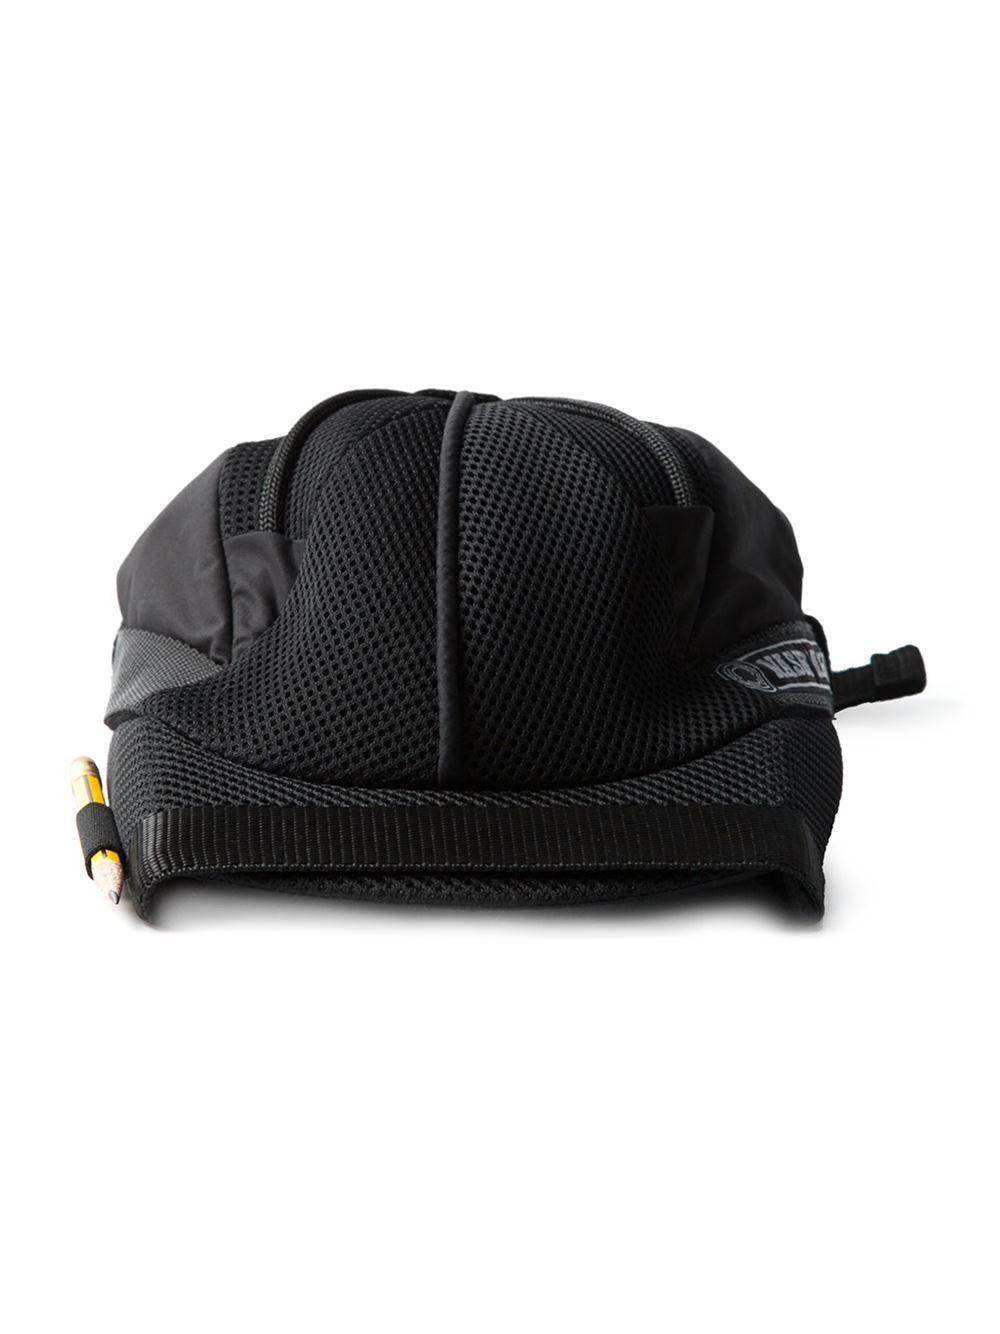 Carolina Panthers Camo Hat